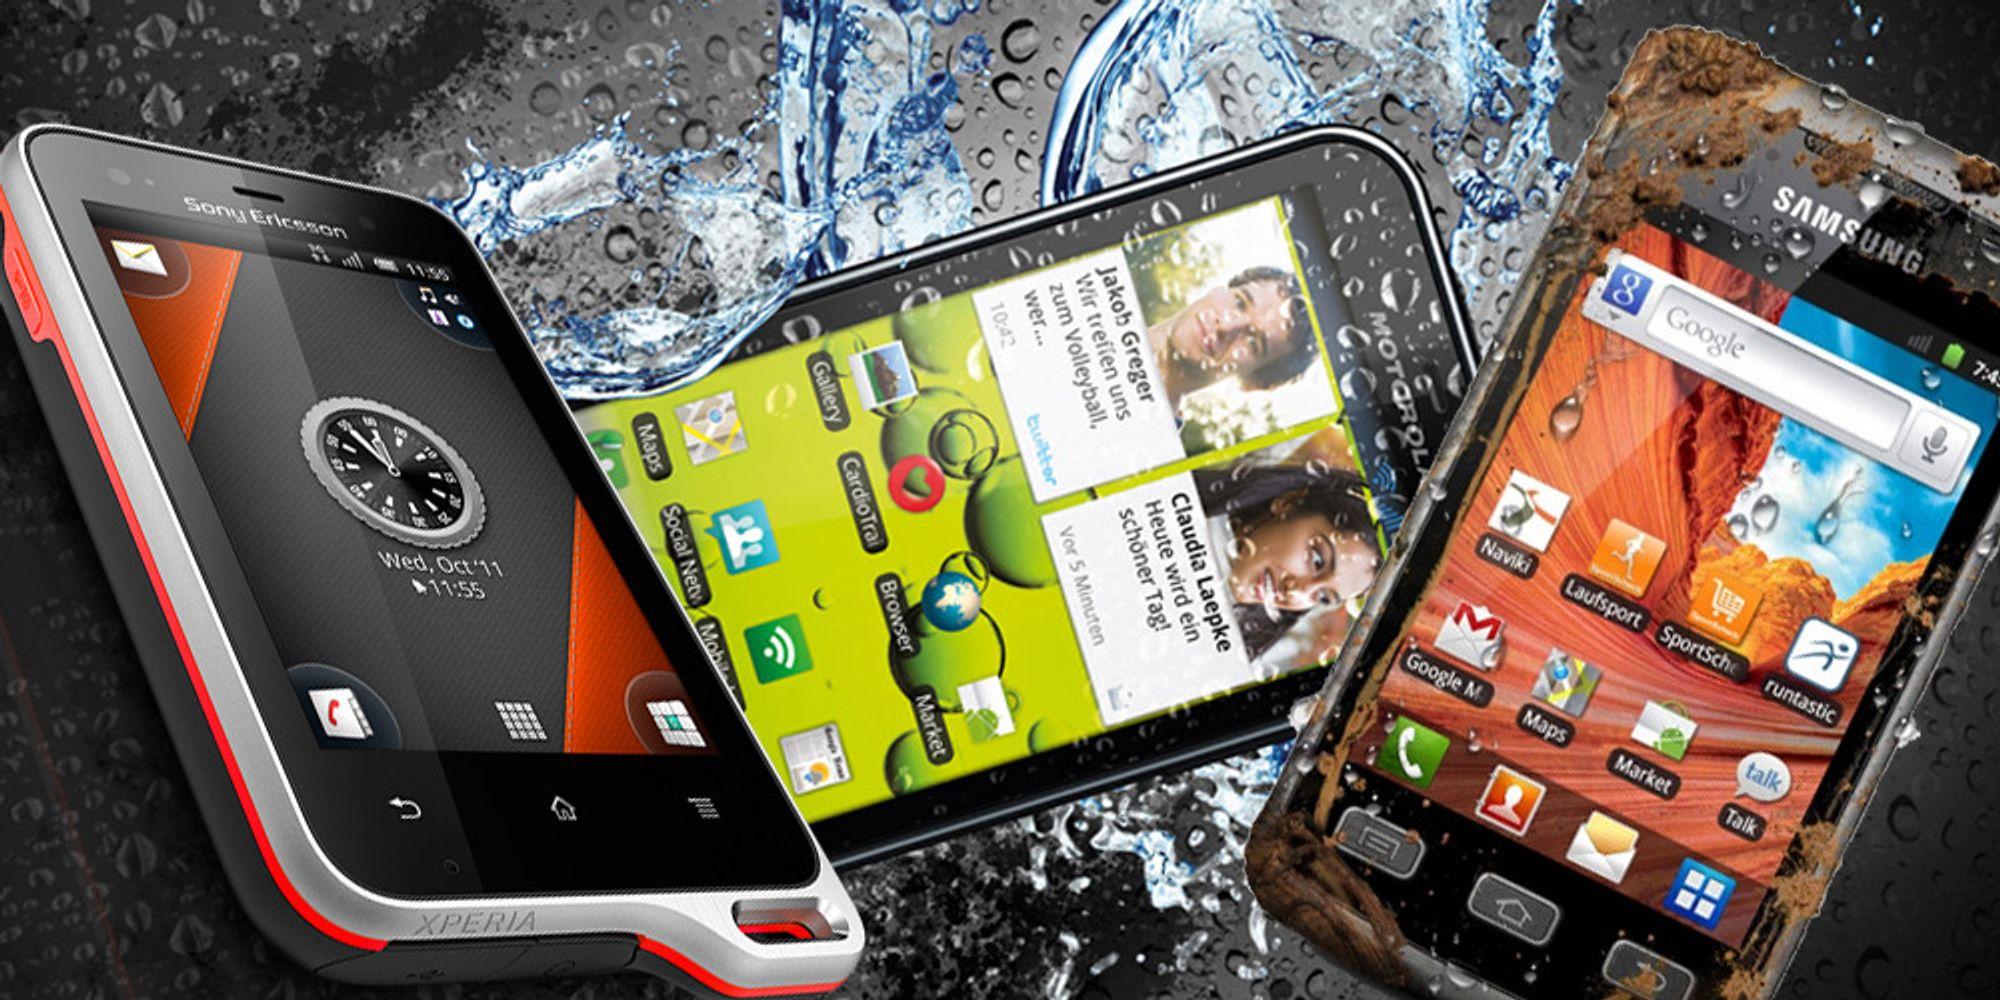 Smarttelefonene som tåler en støyt